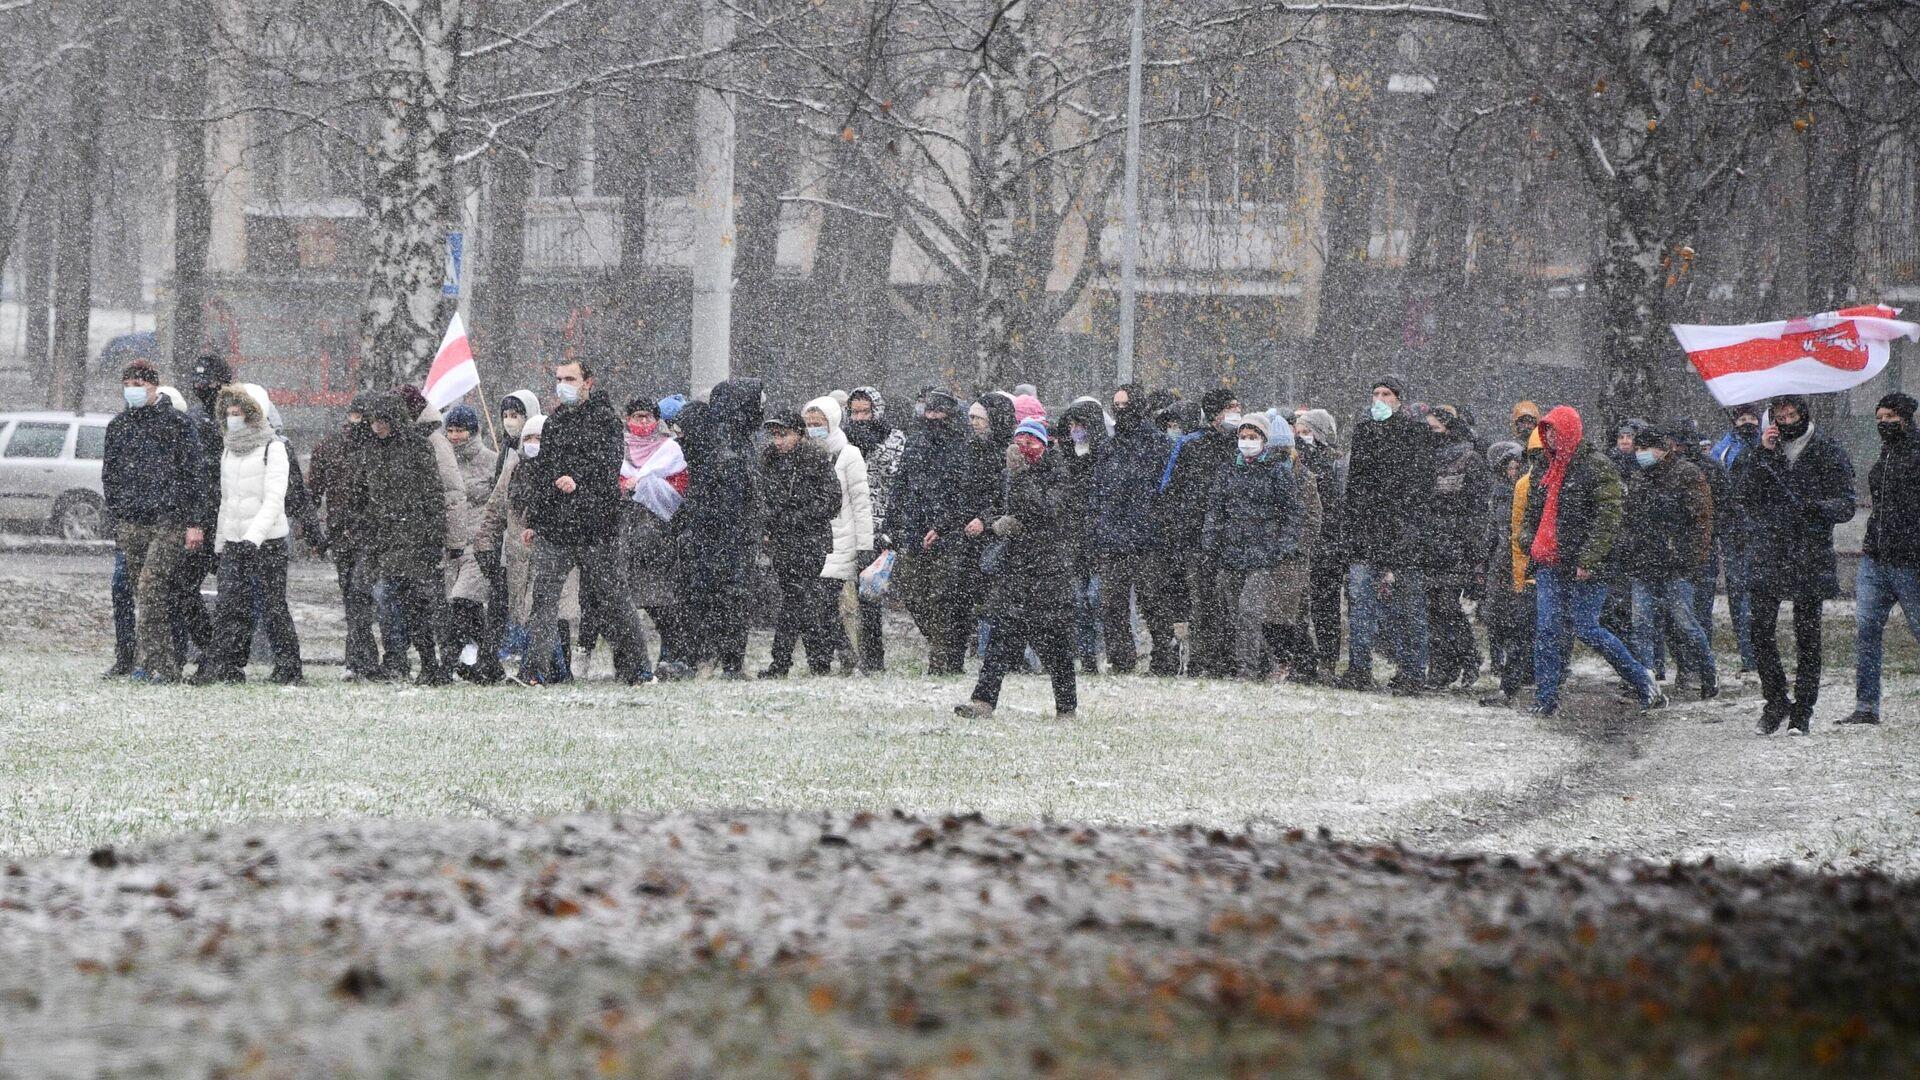 Участники несанкционированной акции протеста Марш соседей в Минске - РИА Новости, 1920, 29.11.2020